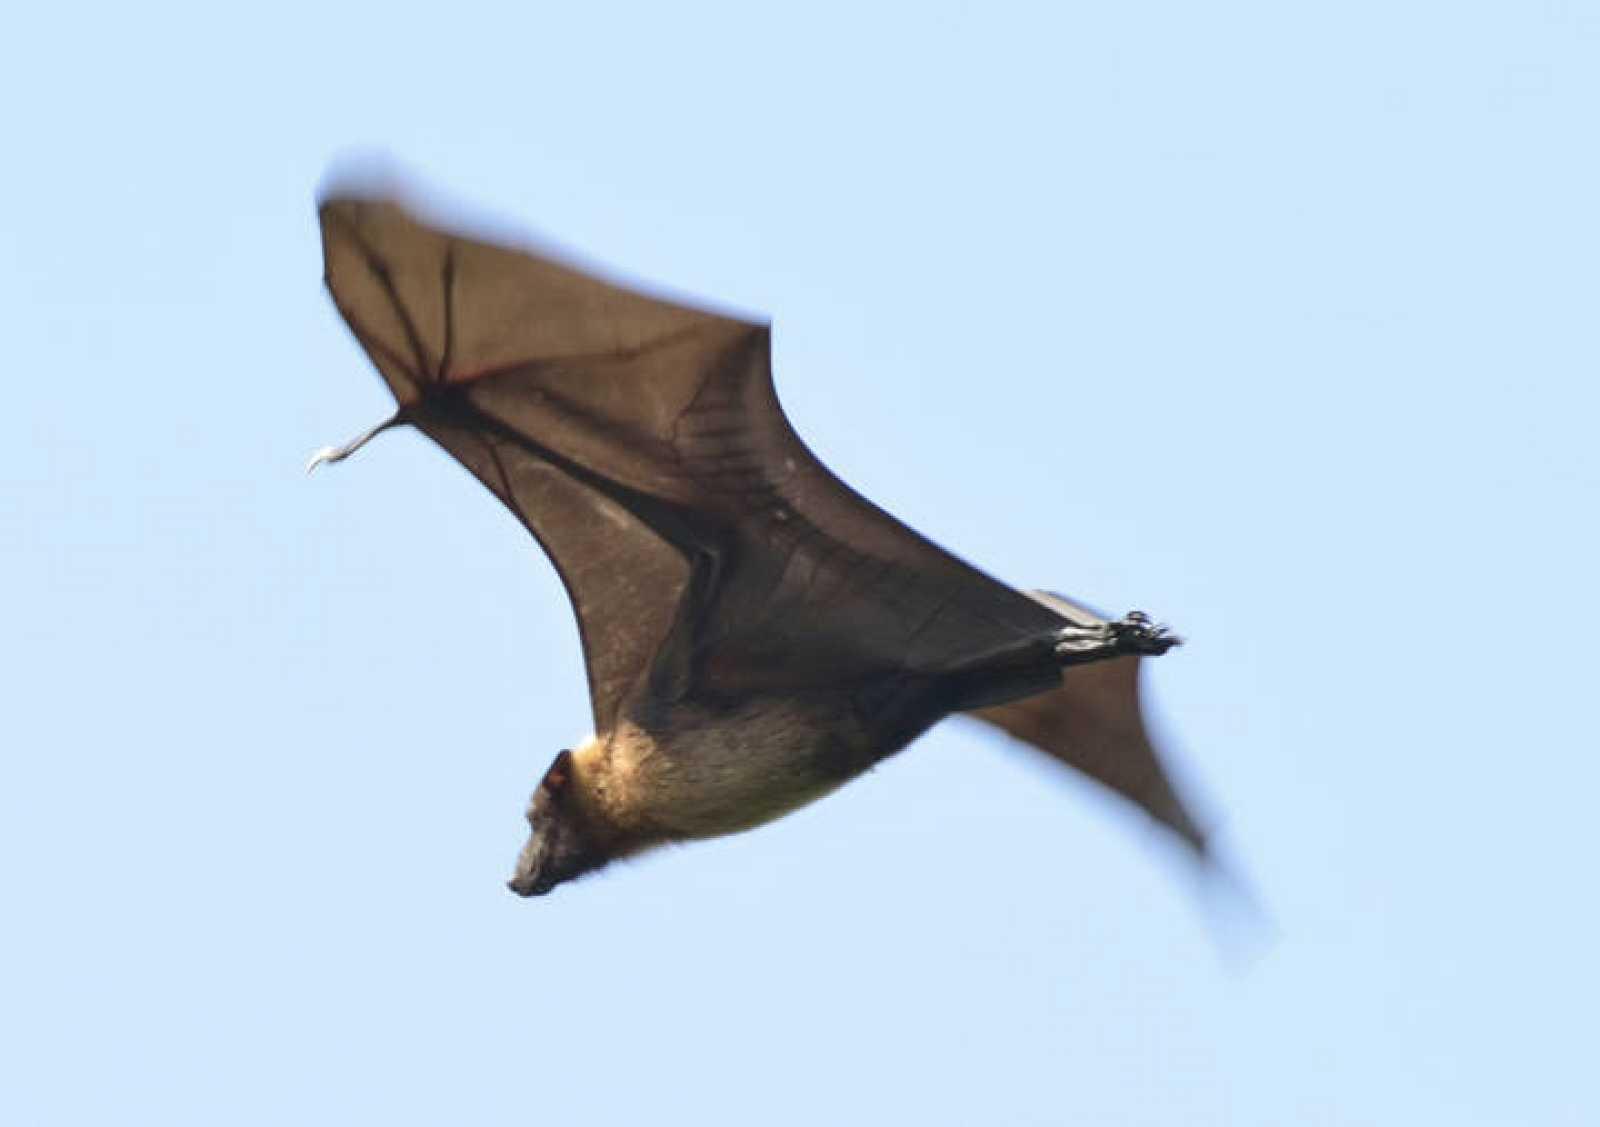 Un murciélago de la fruta volando.